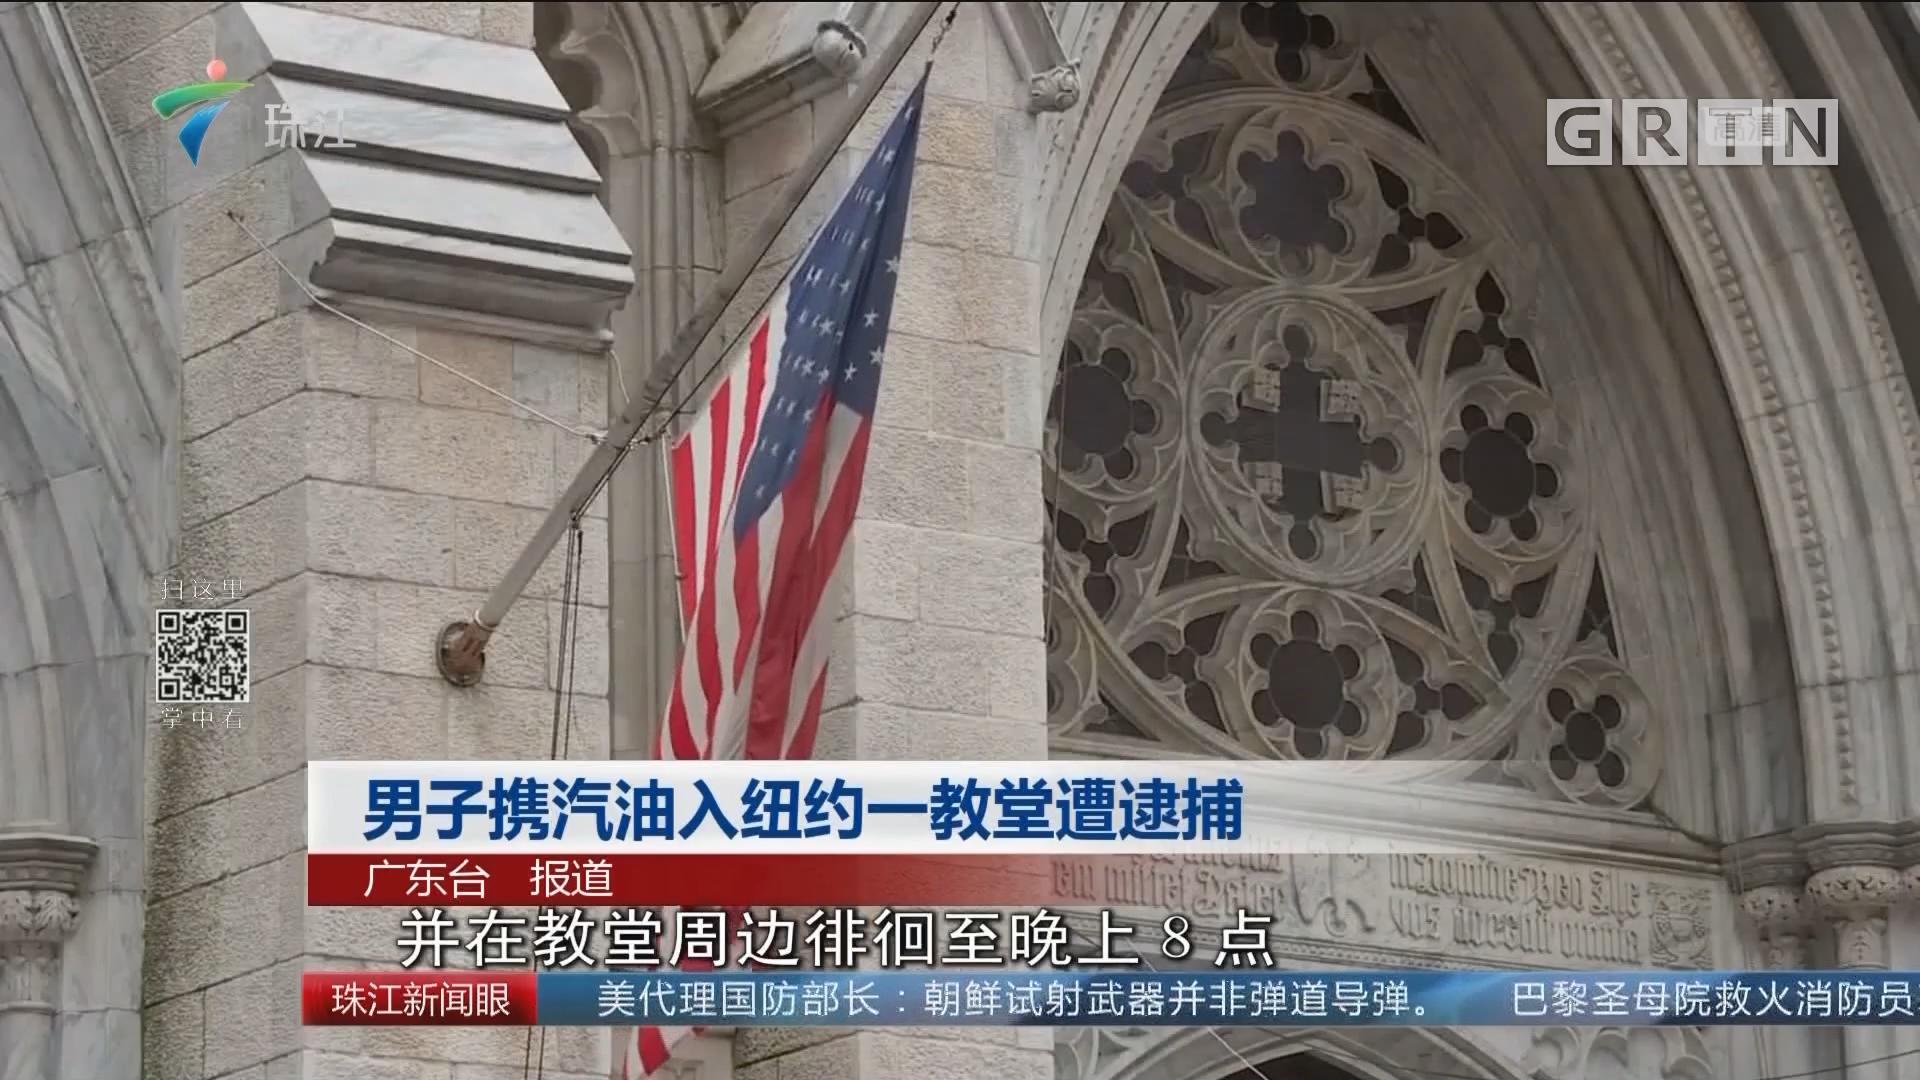 男子携汽油入纽约一教堂遭逮捕